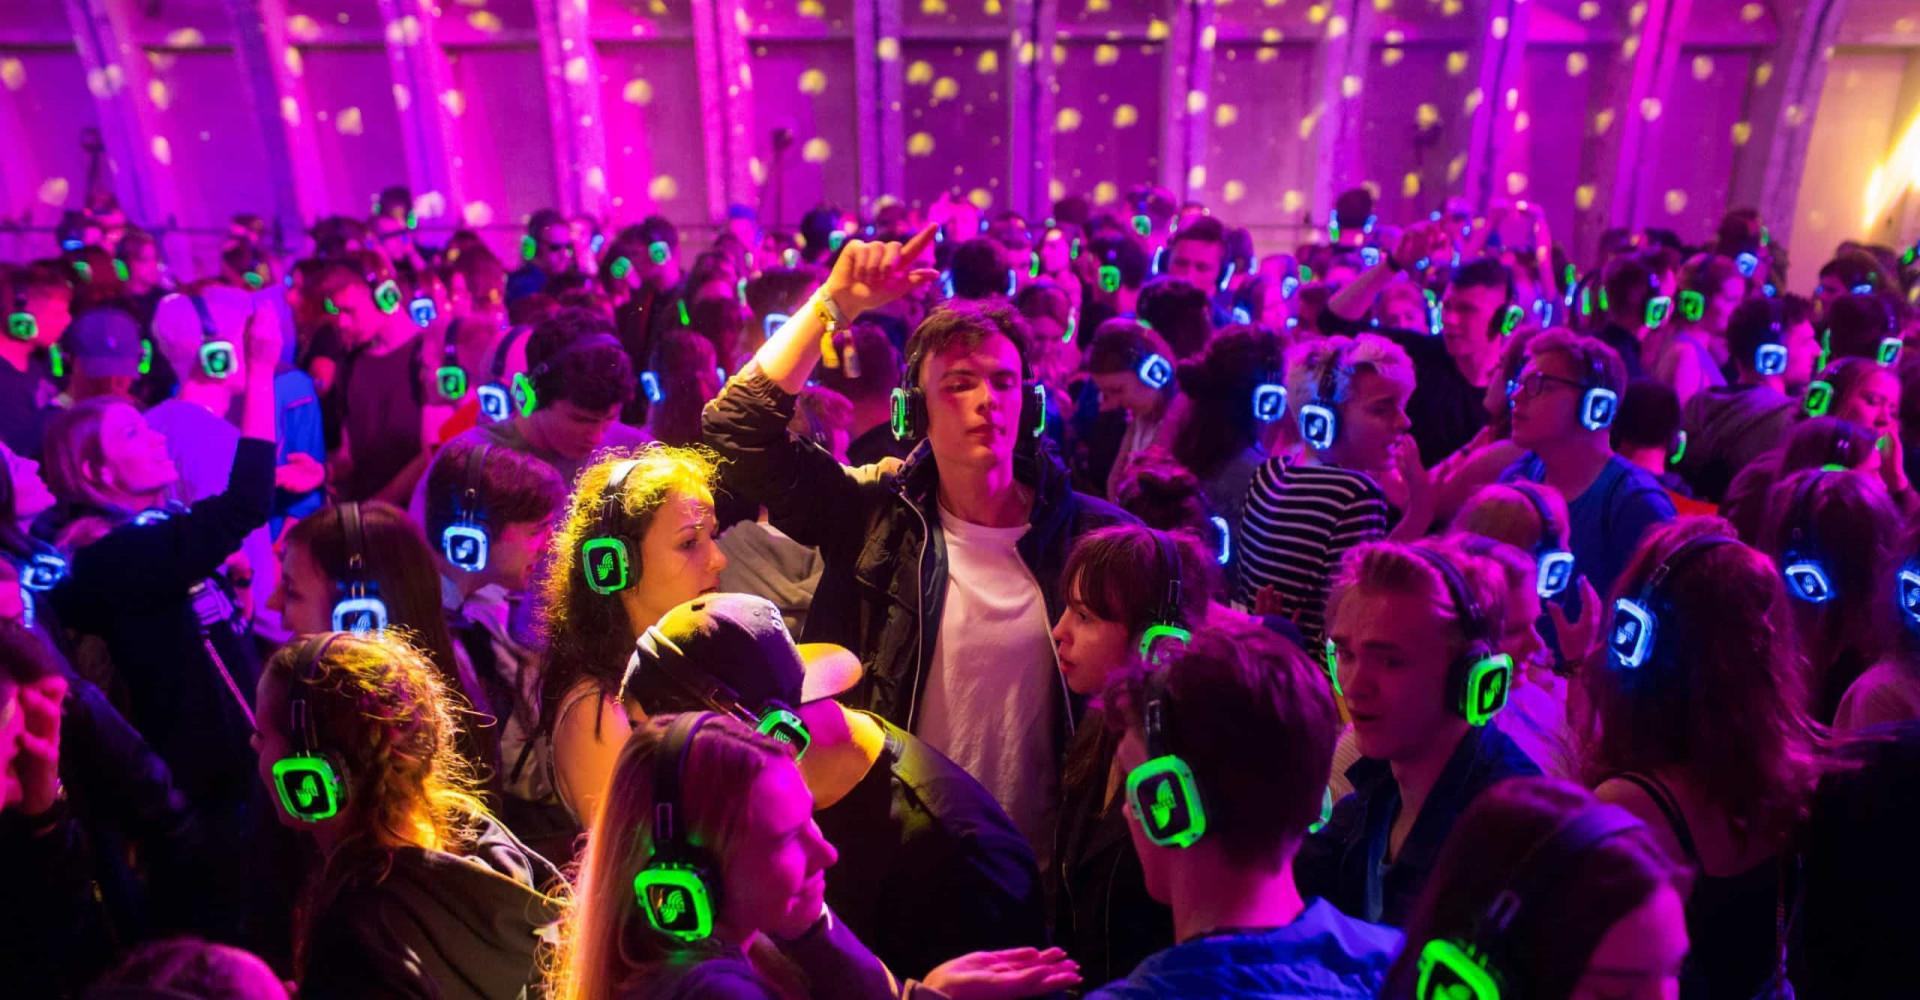 Les bienfaits surprenants des discothèques silencieuses sur la santé